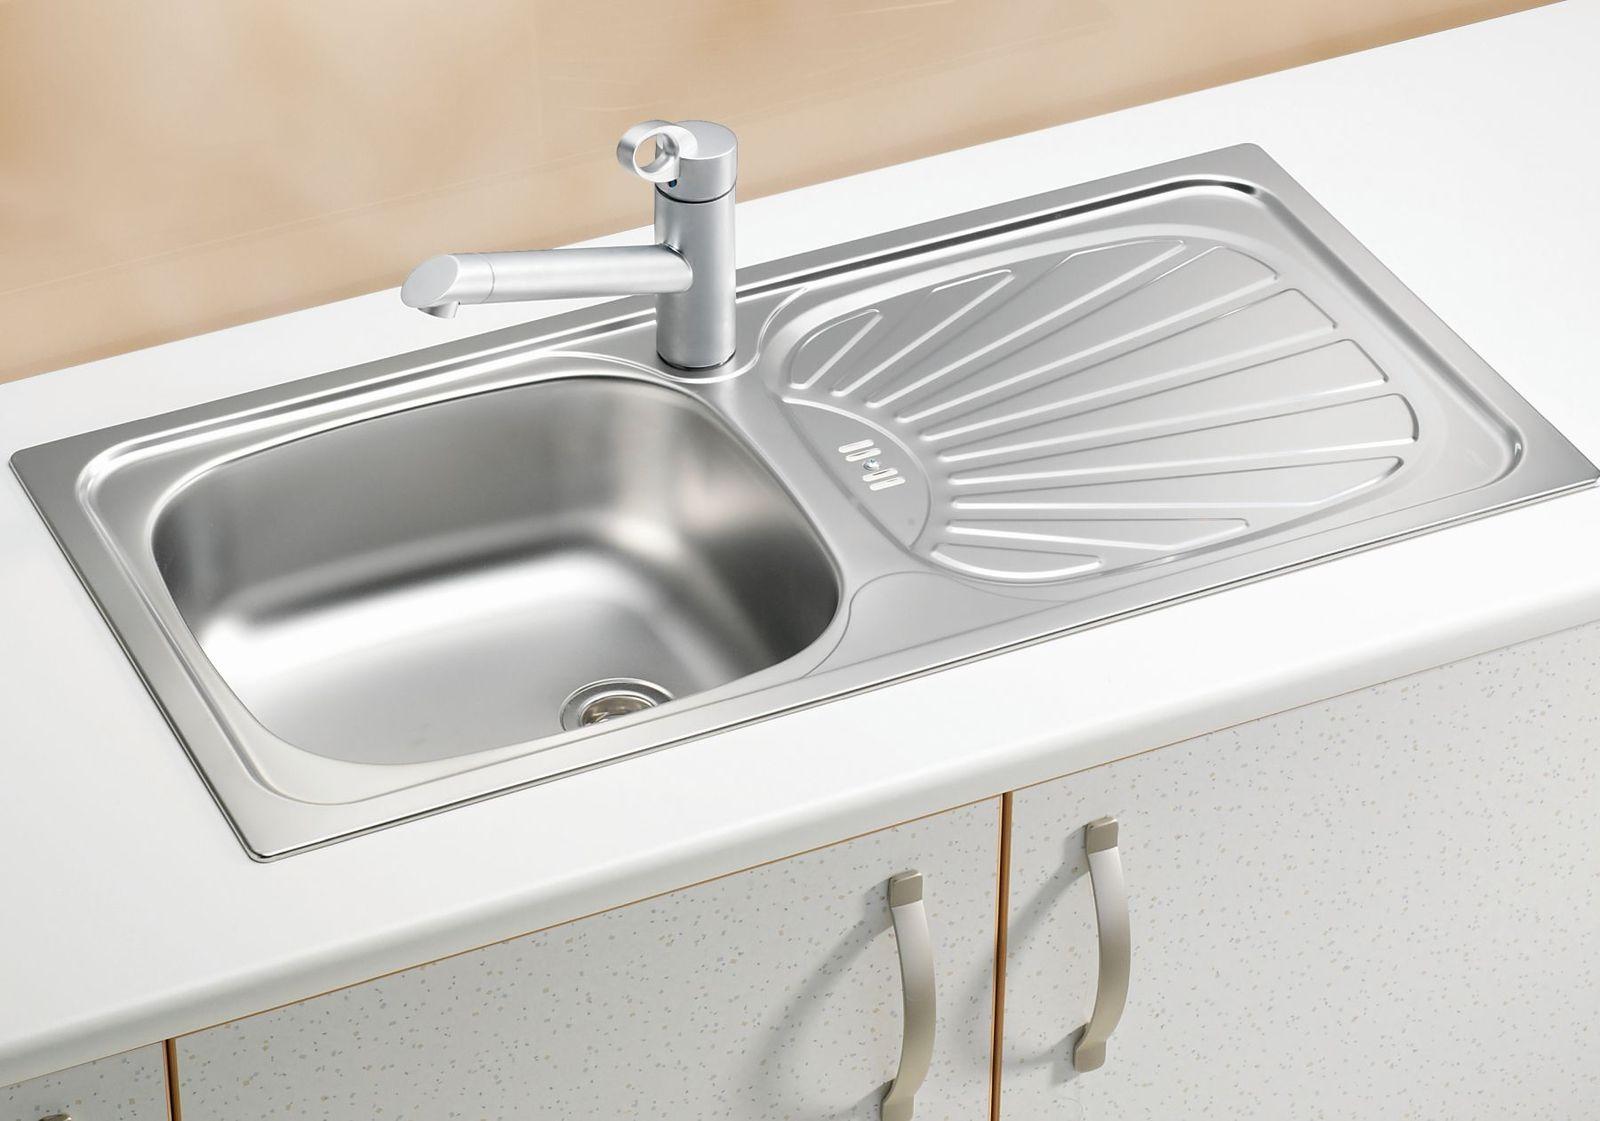 Bekannt Franke Spüle Gebraucht | Edelstahlbecken Küche Details Zu 1pcs WB23